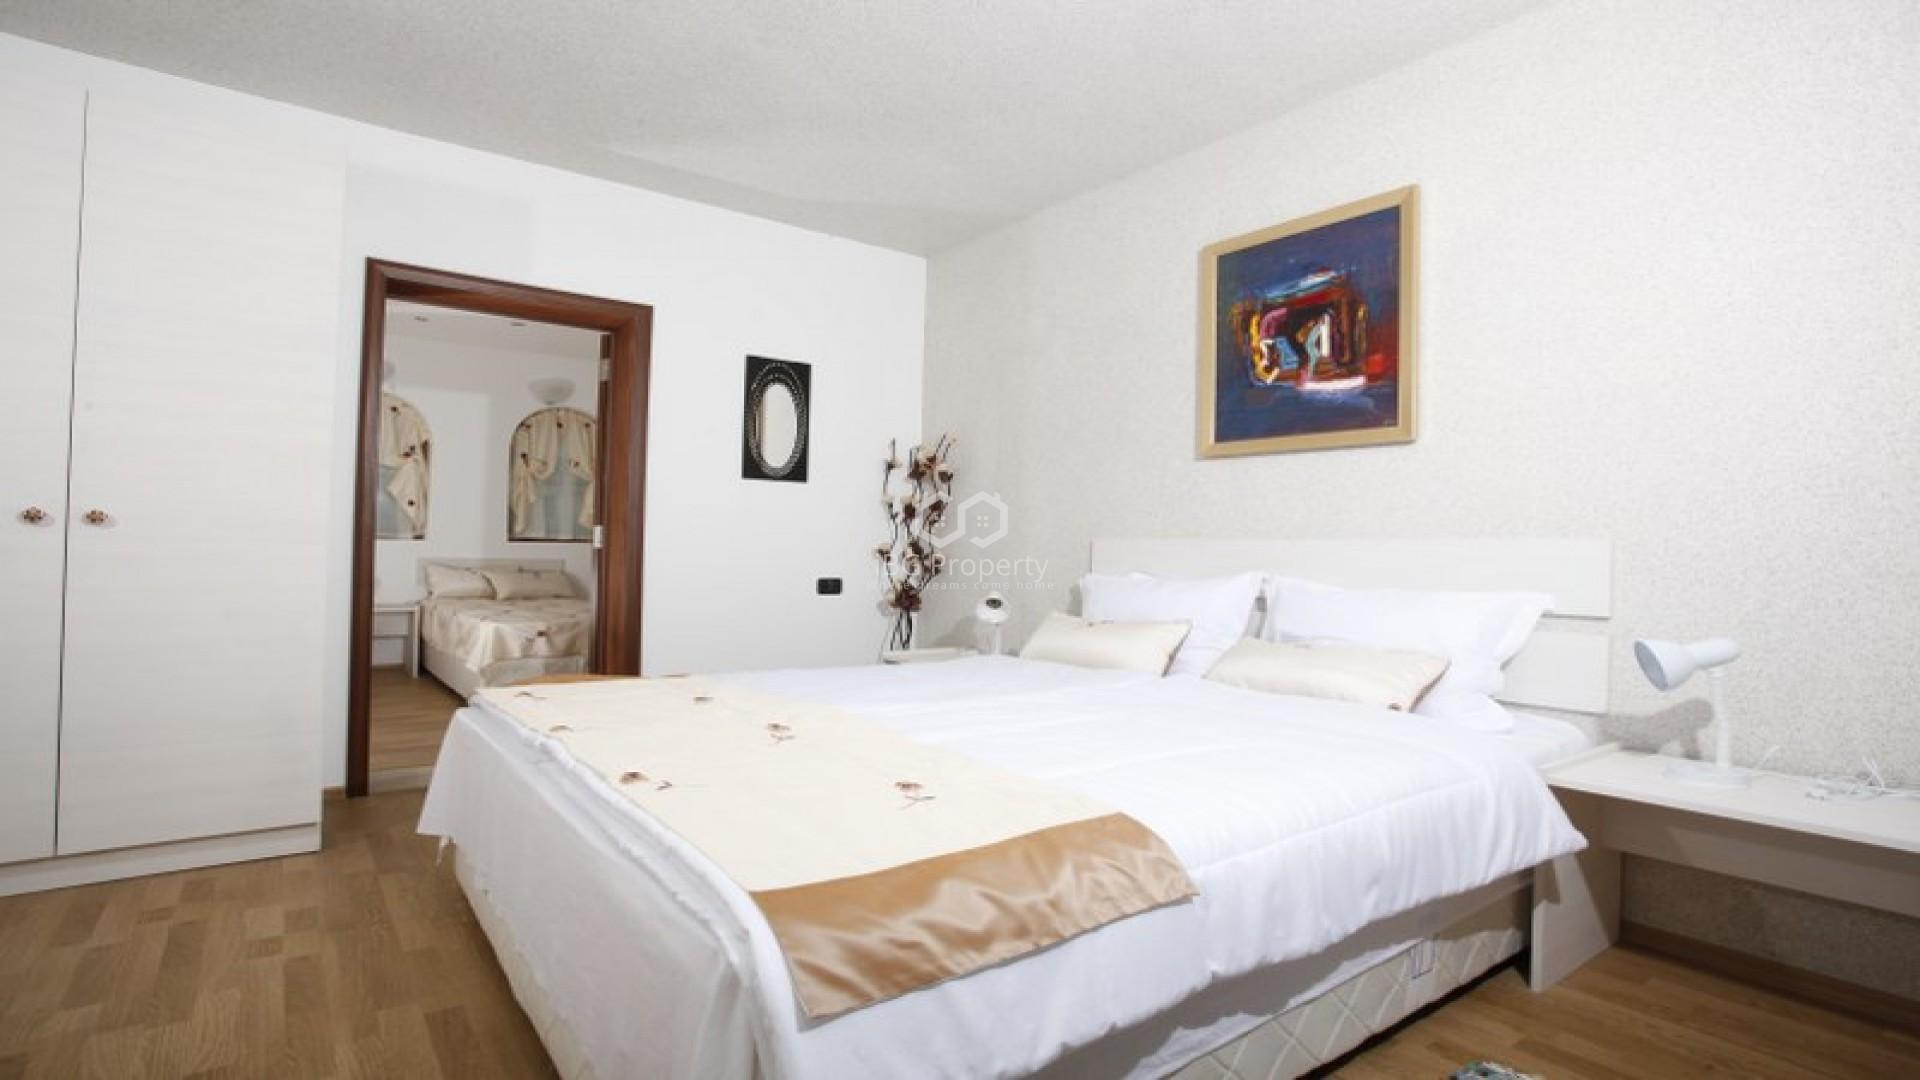 Трехкомнатная квартира Бяла  133 m2